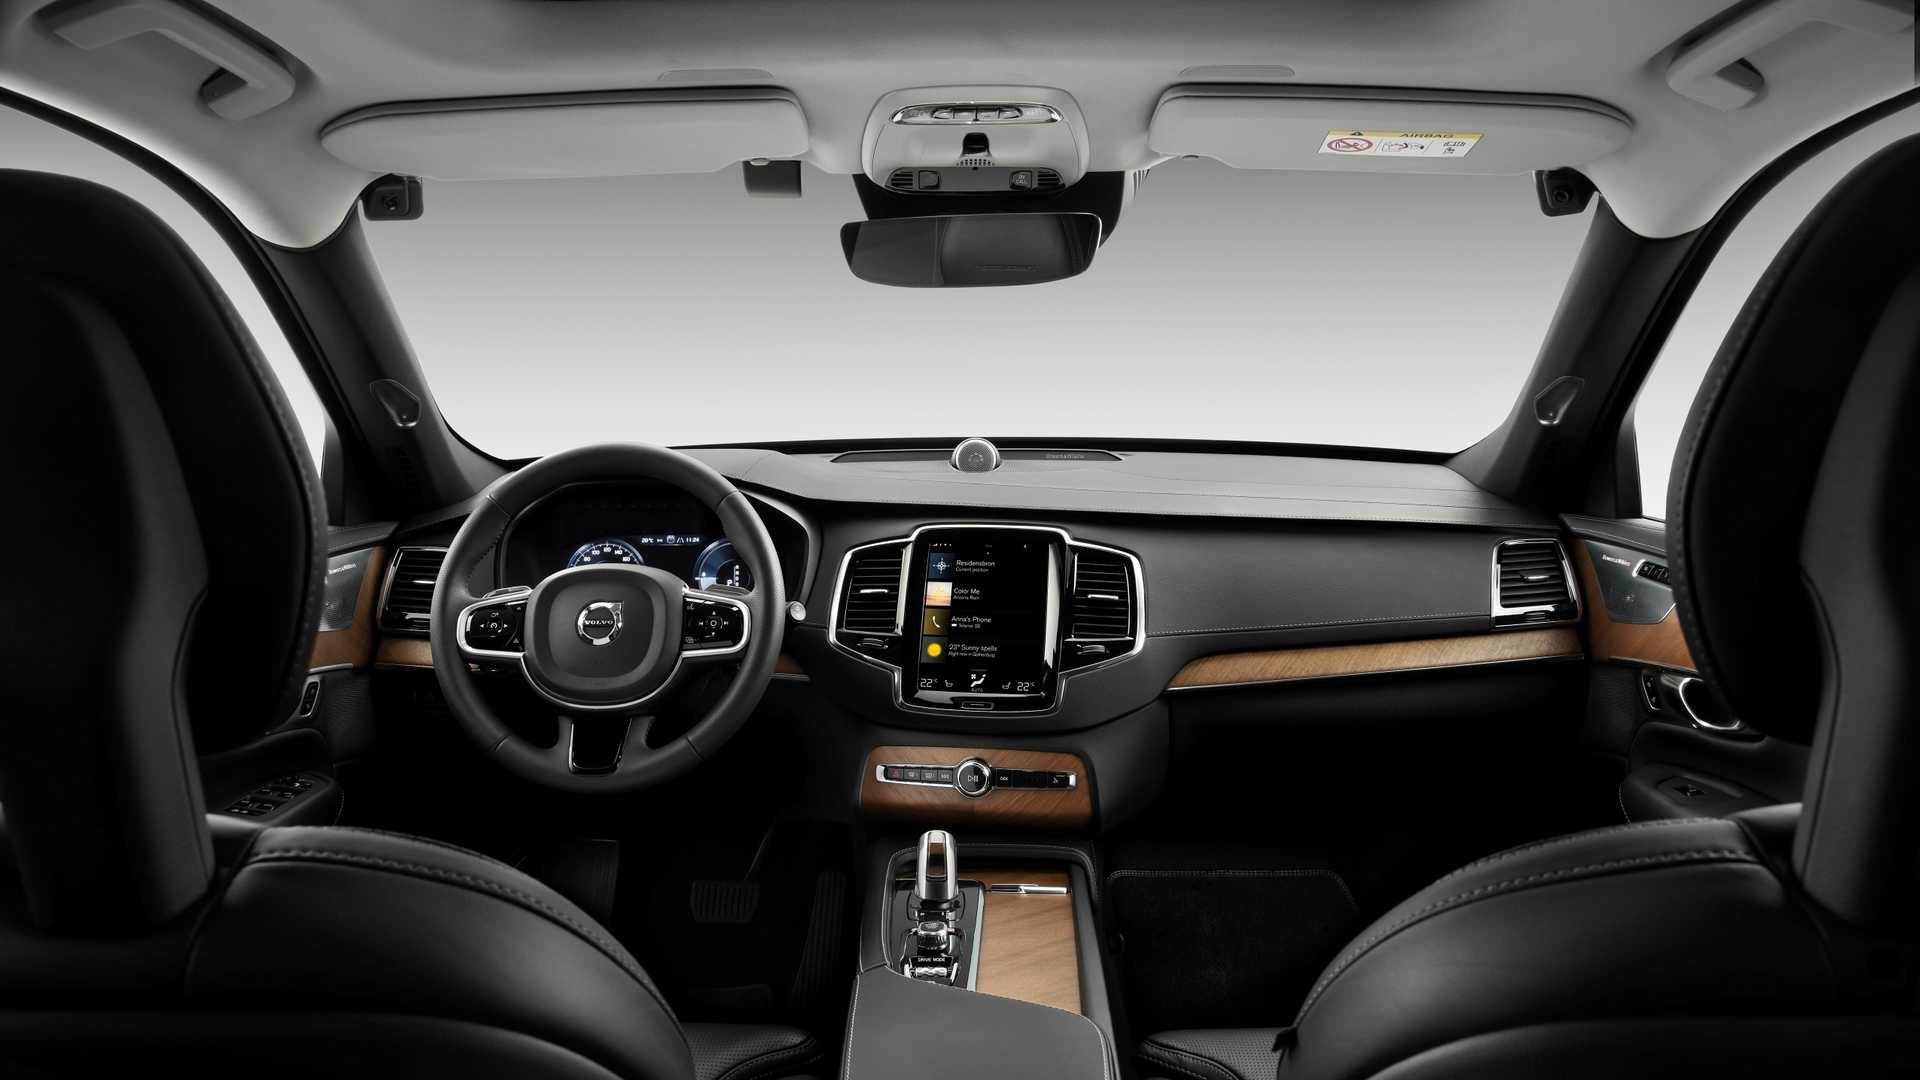 Volvo apostará em câmaras no interior para avaliar o comportamento dos condutores, por motivos de segurança